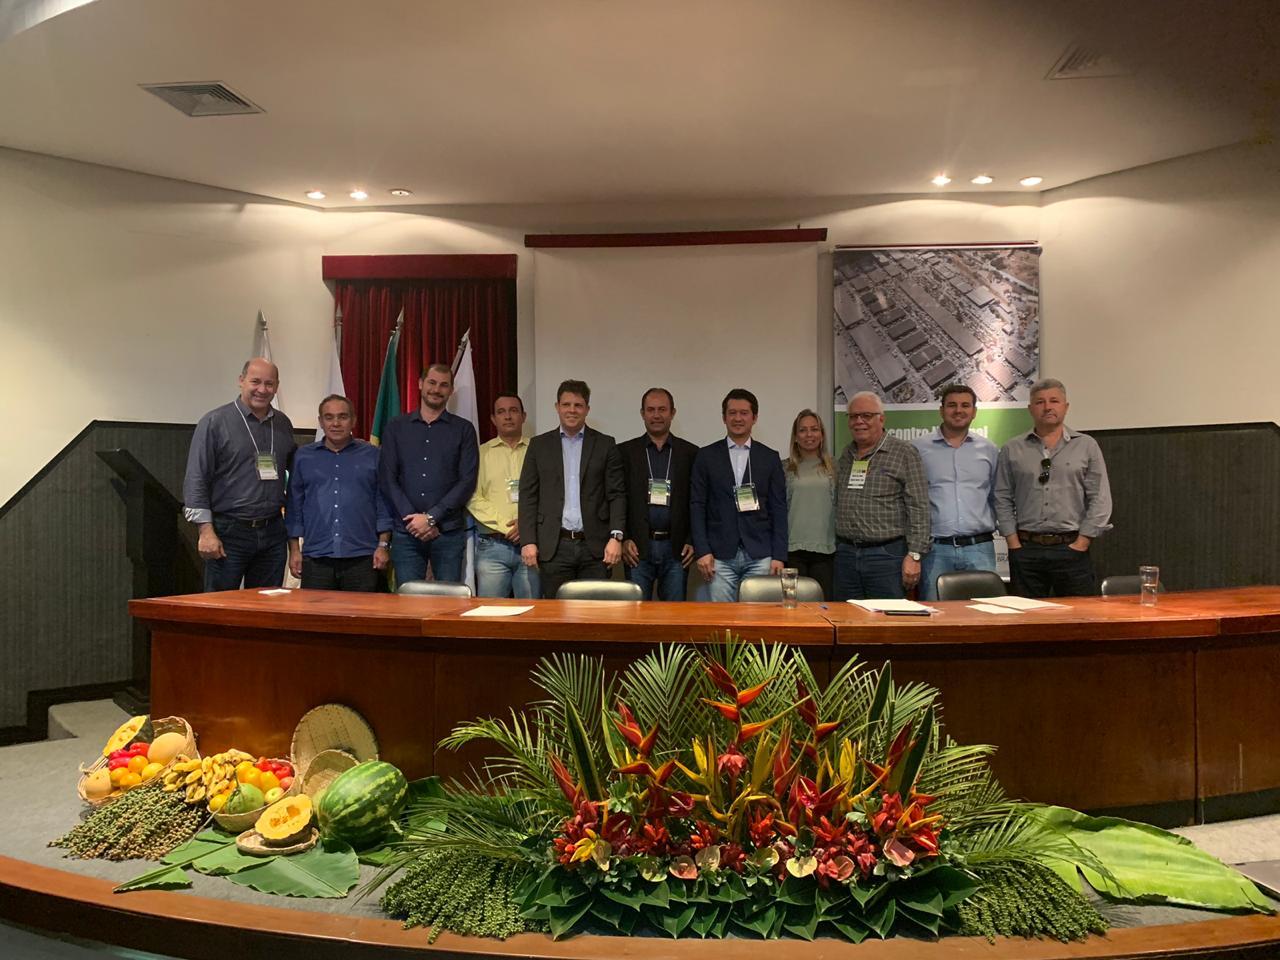 Presidente da Ceasa-CE participa de encontro da Abracen e Brastece em Belo Horizonte